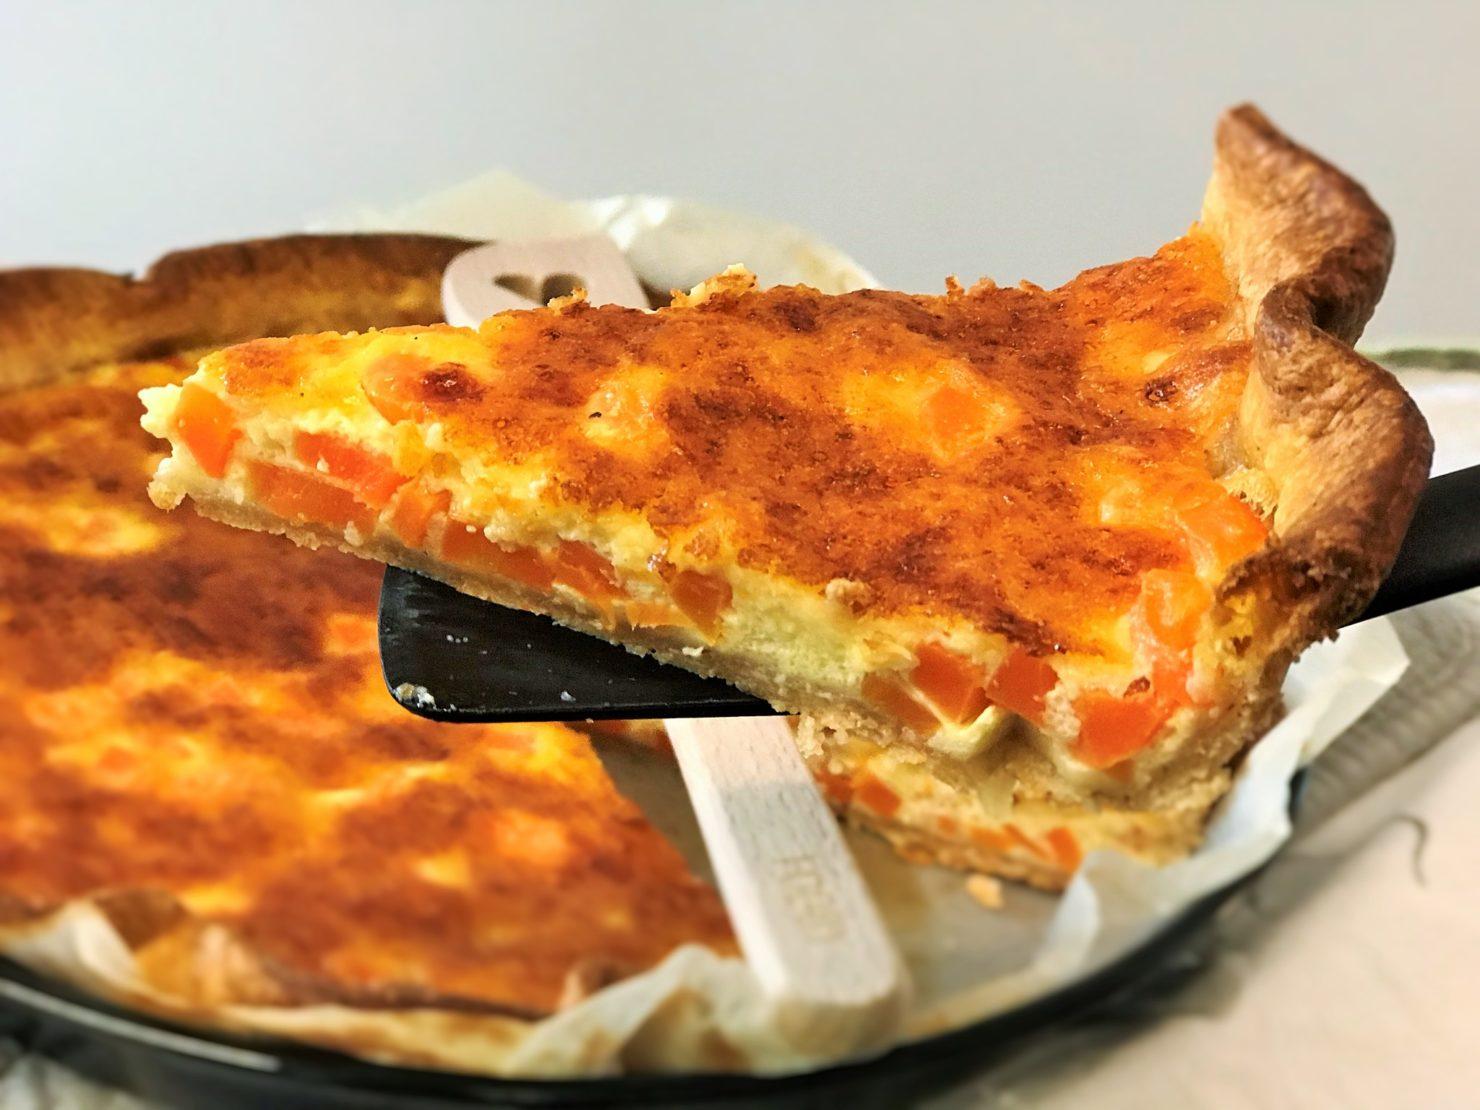 Rüebli Karotten Käse Wähe Quiche